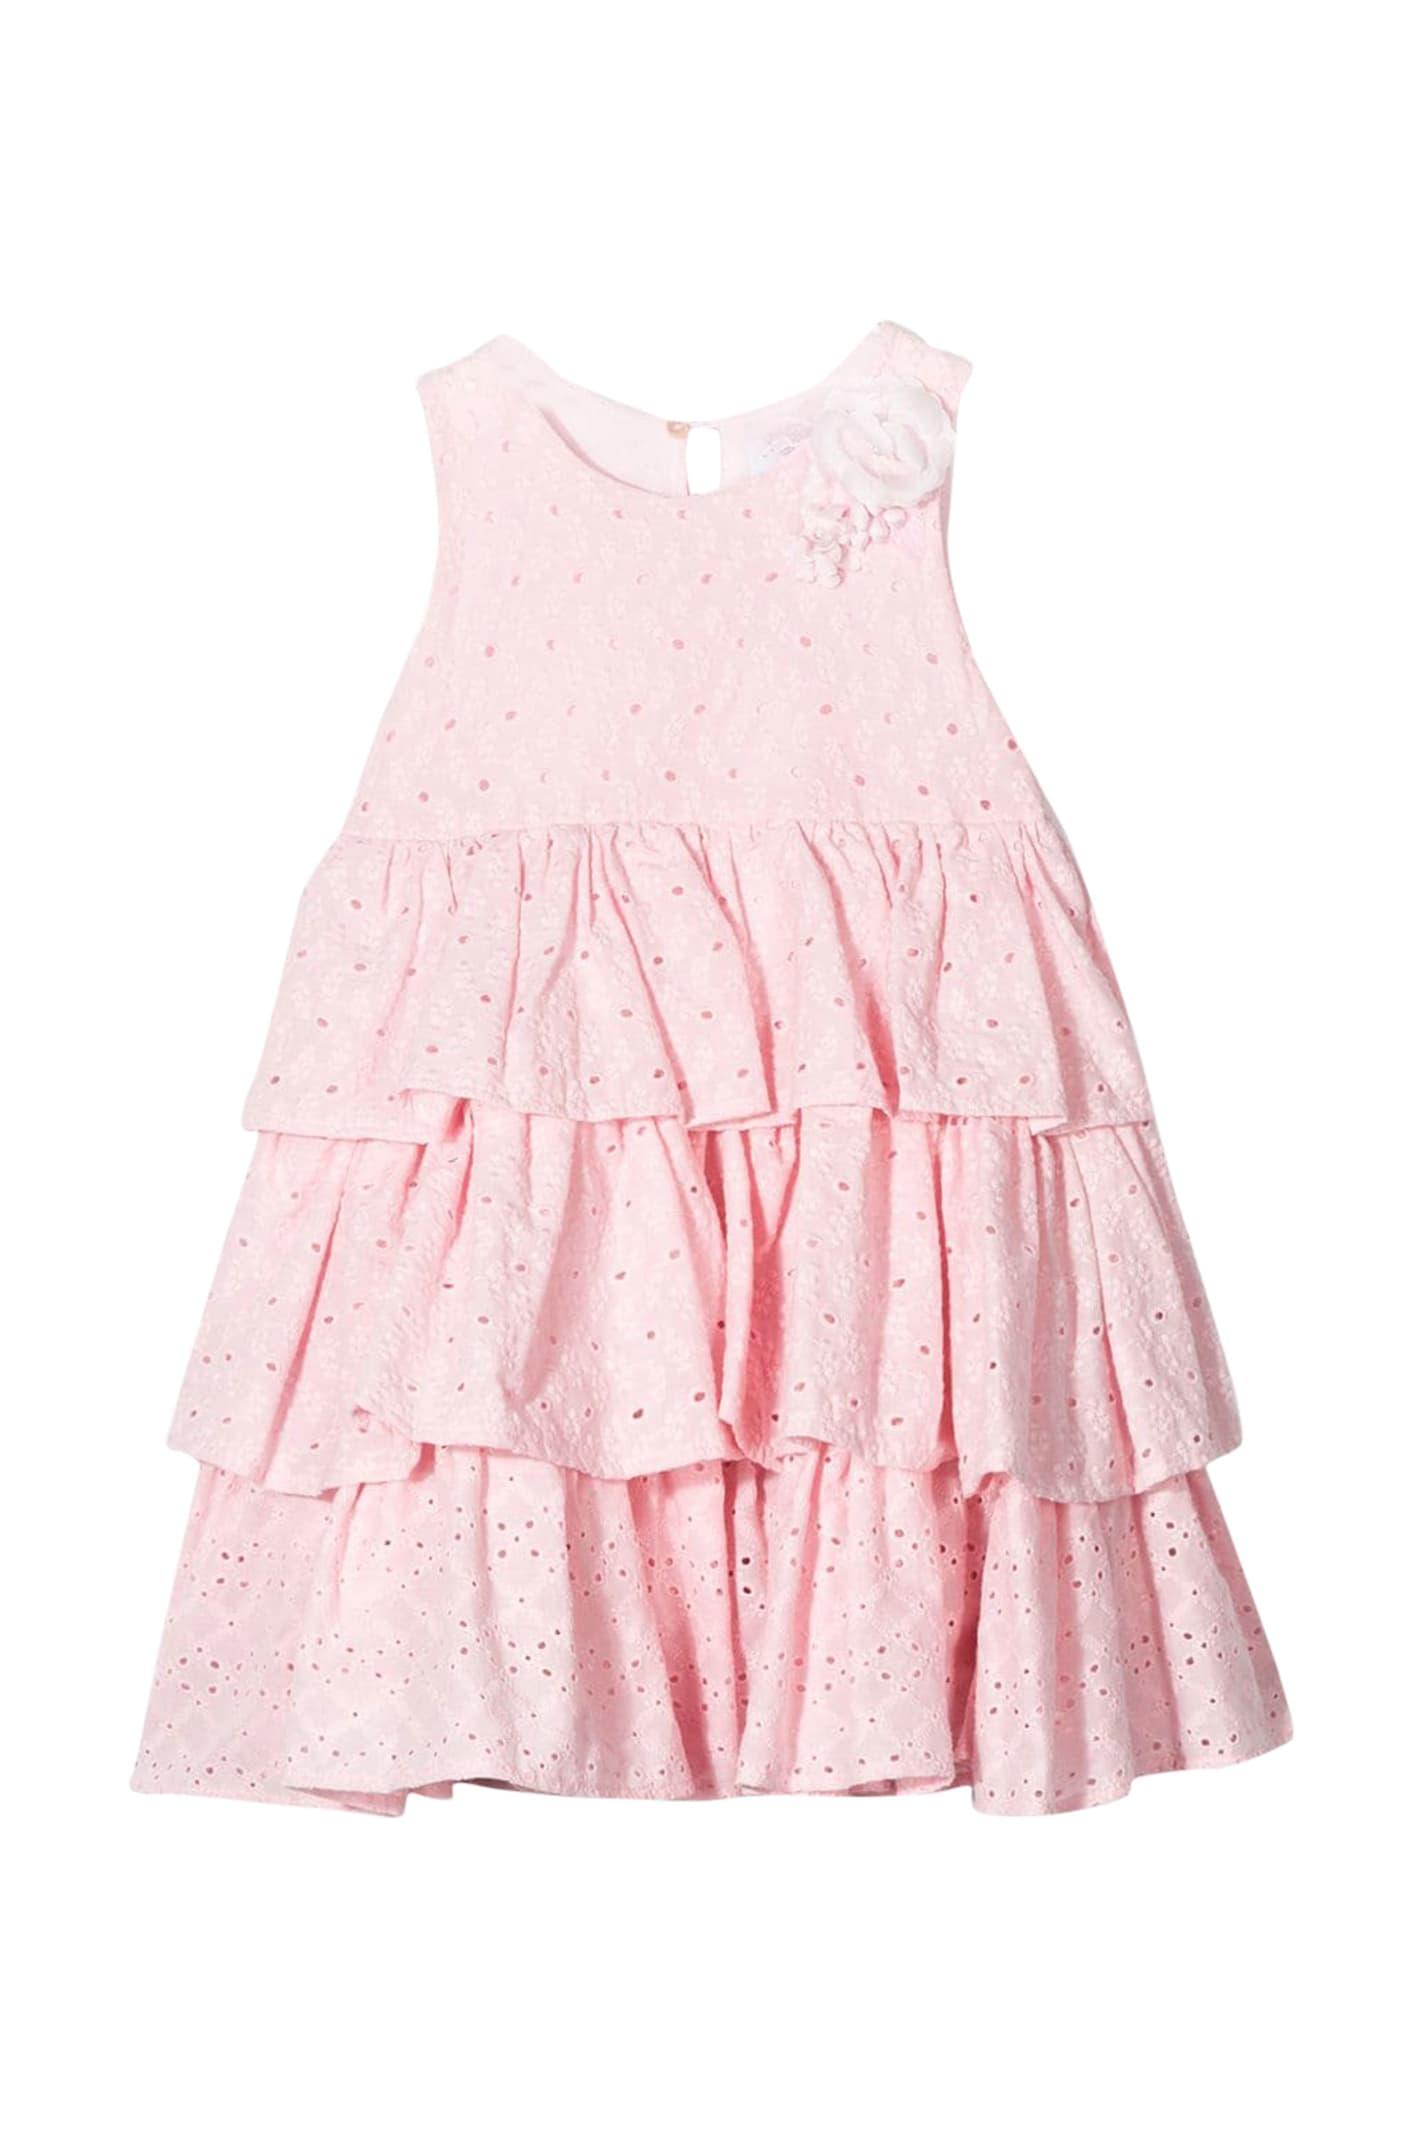 Buy Monnalisa Layered Ruffle Dress online, shop Monnalisa with free shipping